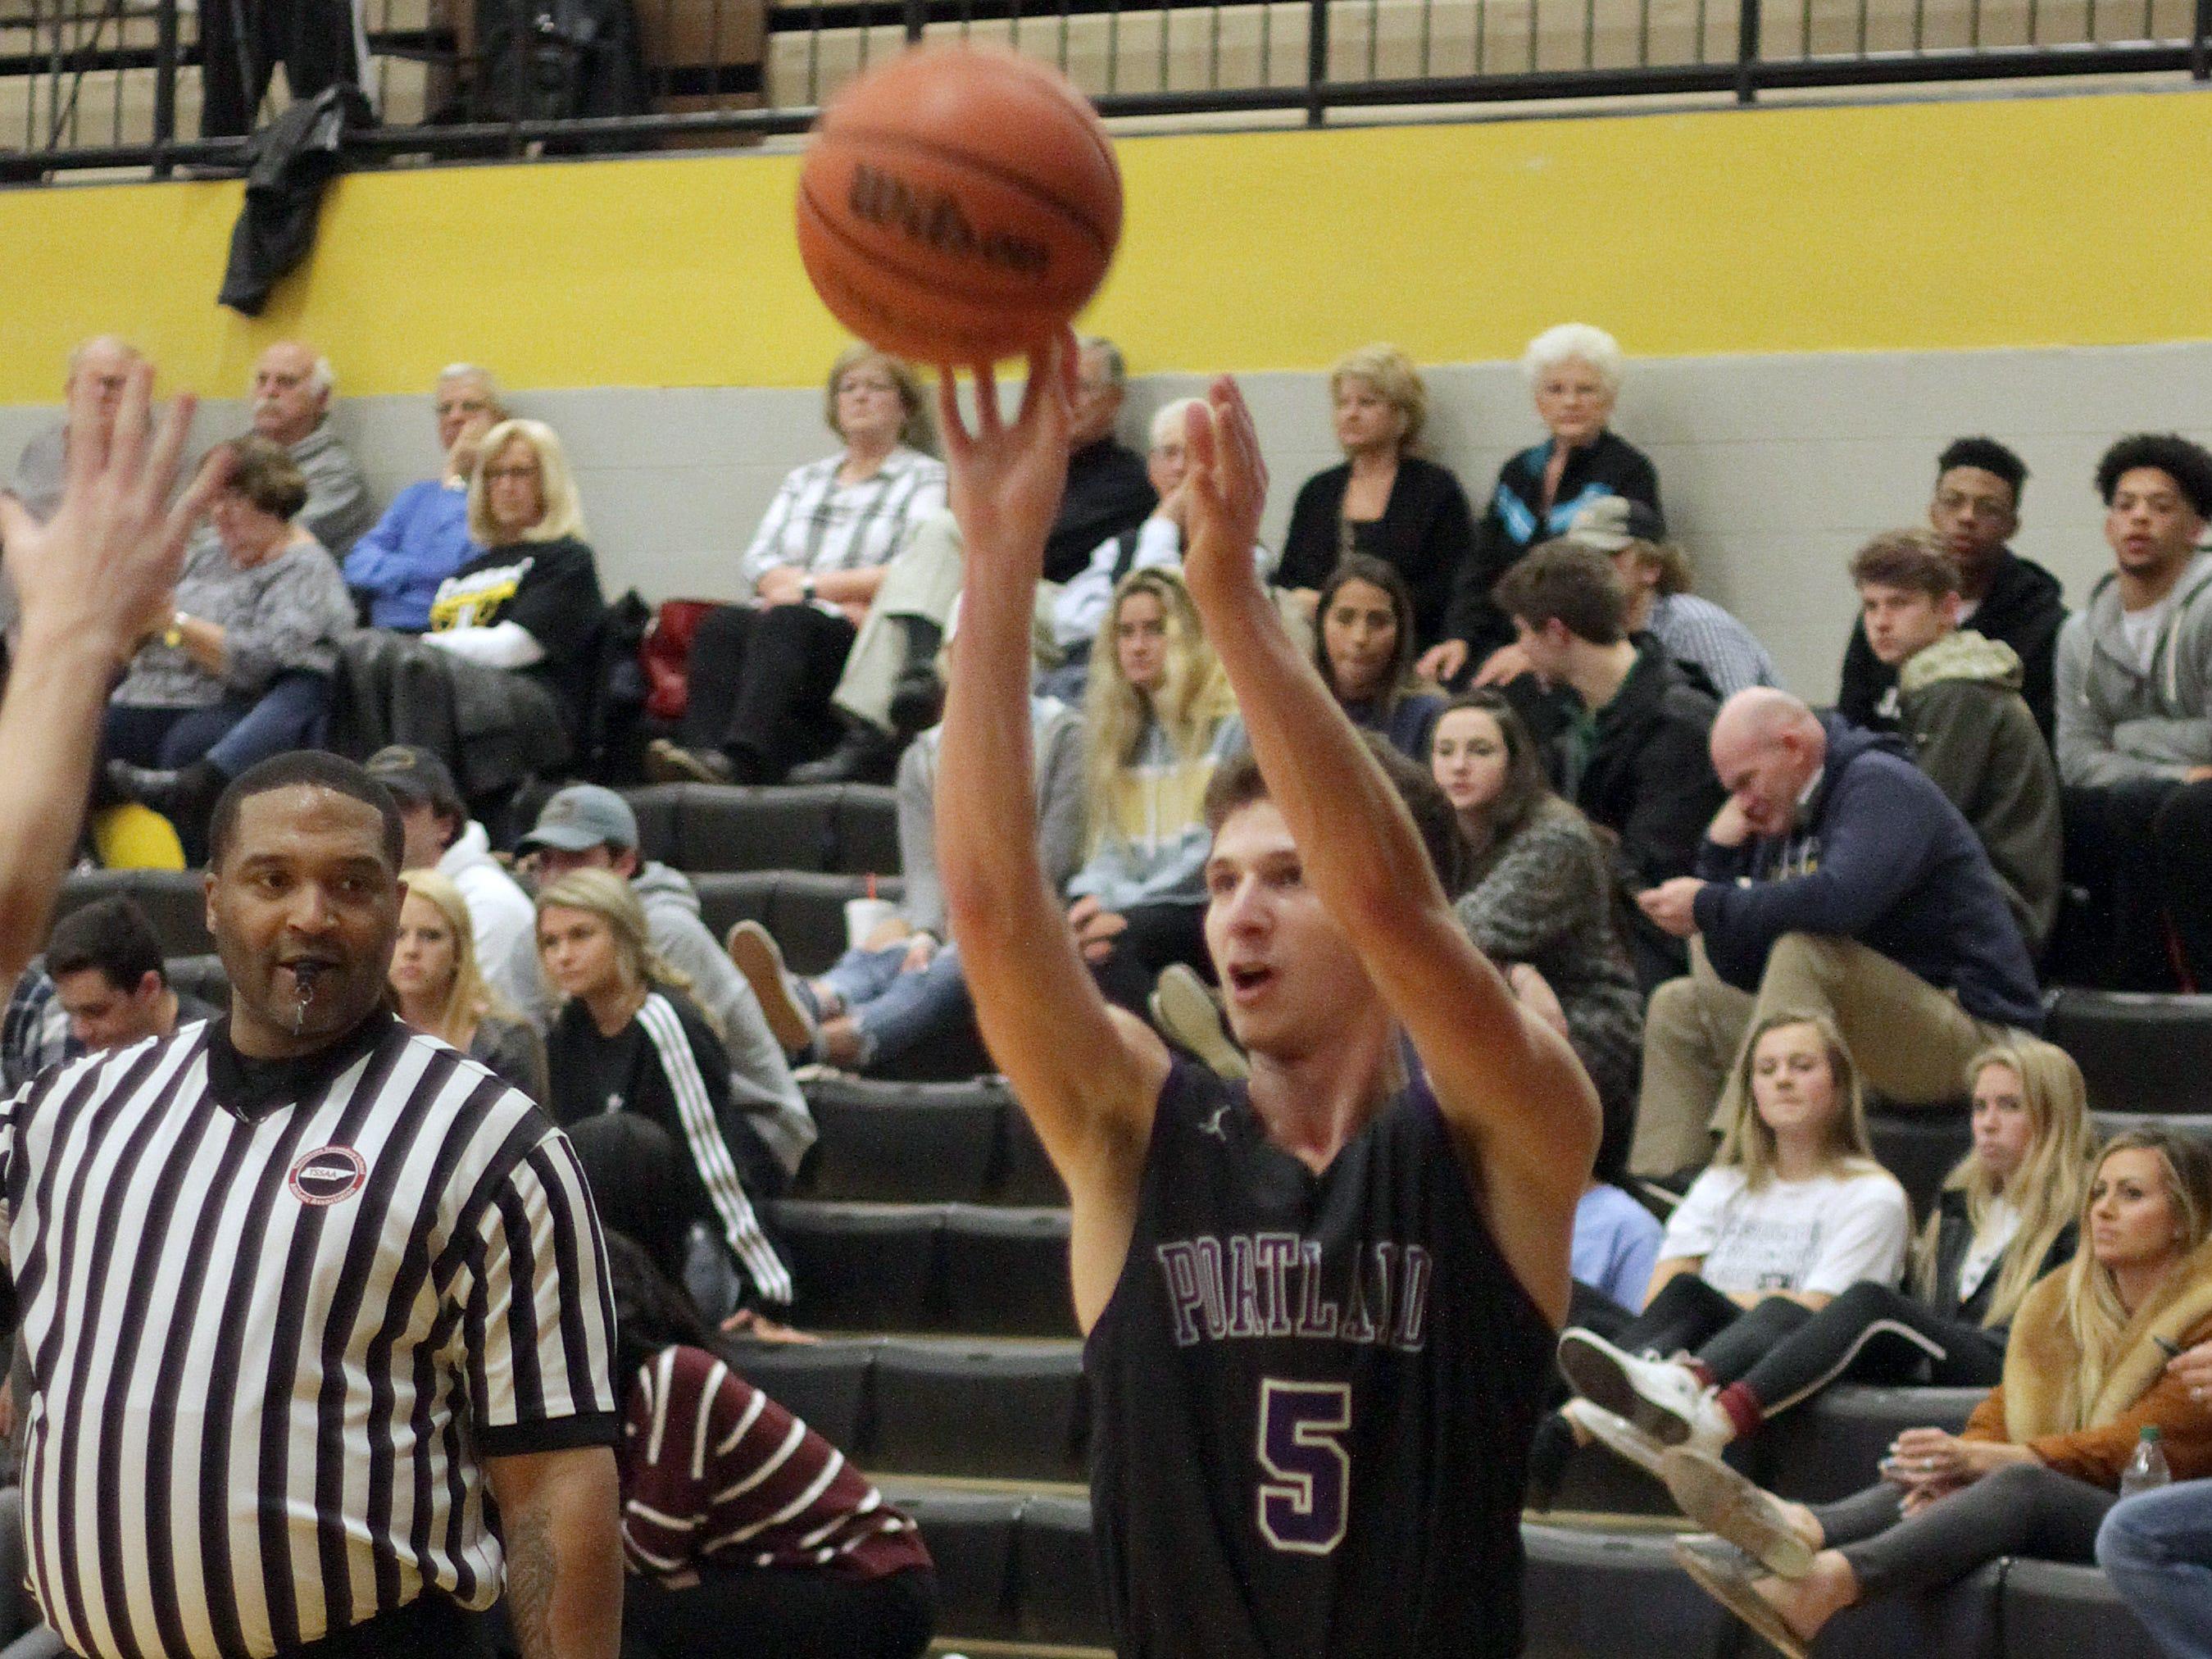 Portland's Jakeb Hester shoots for three against Hendersonville on Friday, January 4, 2019. Hendersonville won 62-39.